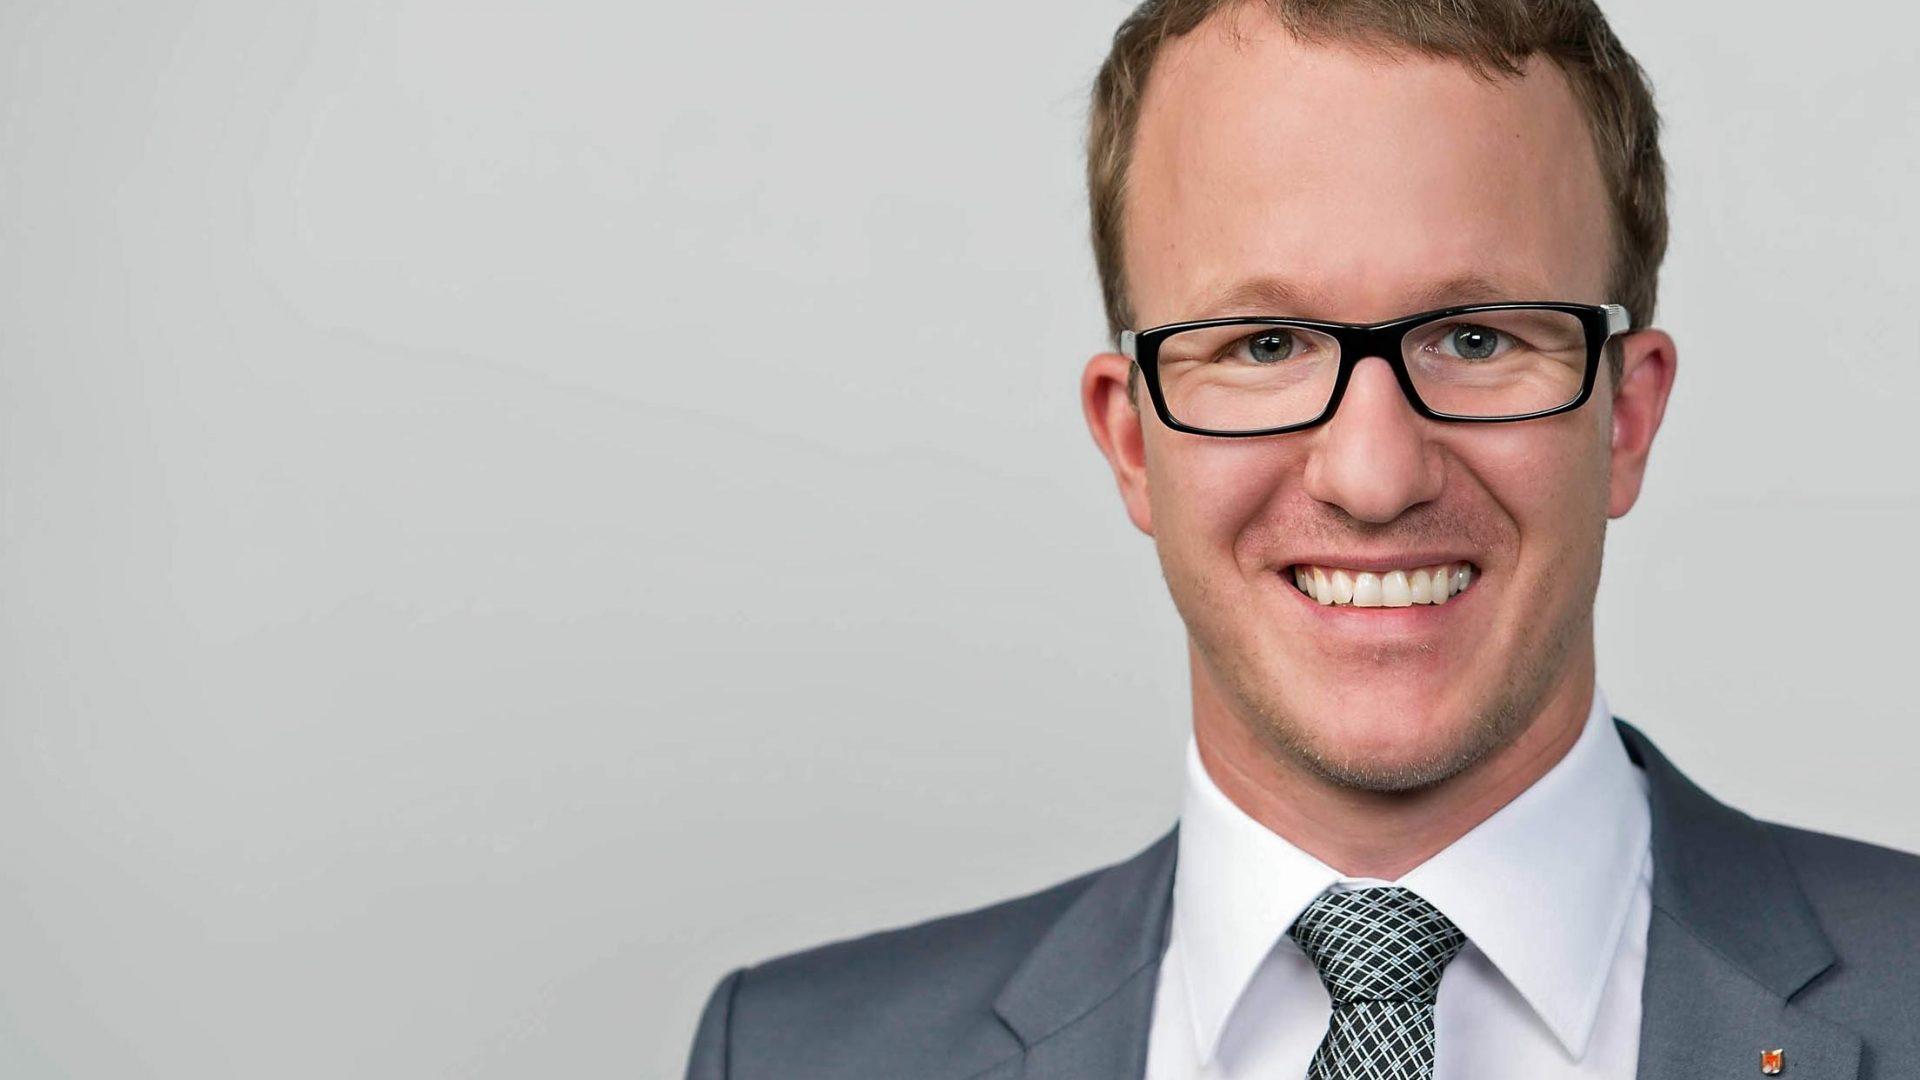 Christian Gantner ist neuer Landesrat in Vorarlberg. ©Vorarlberger Volkspartei